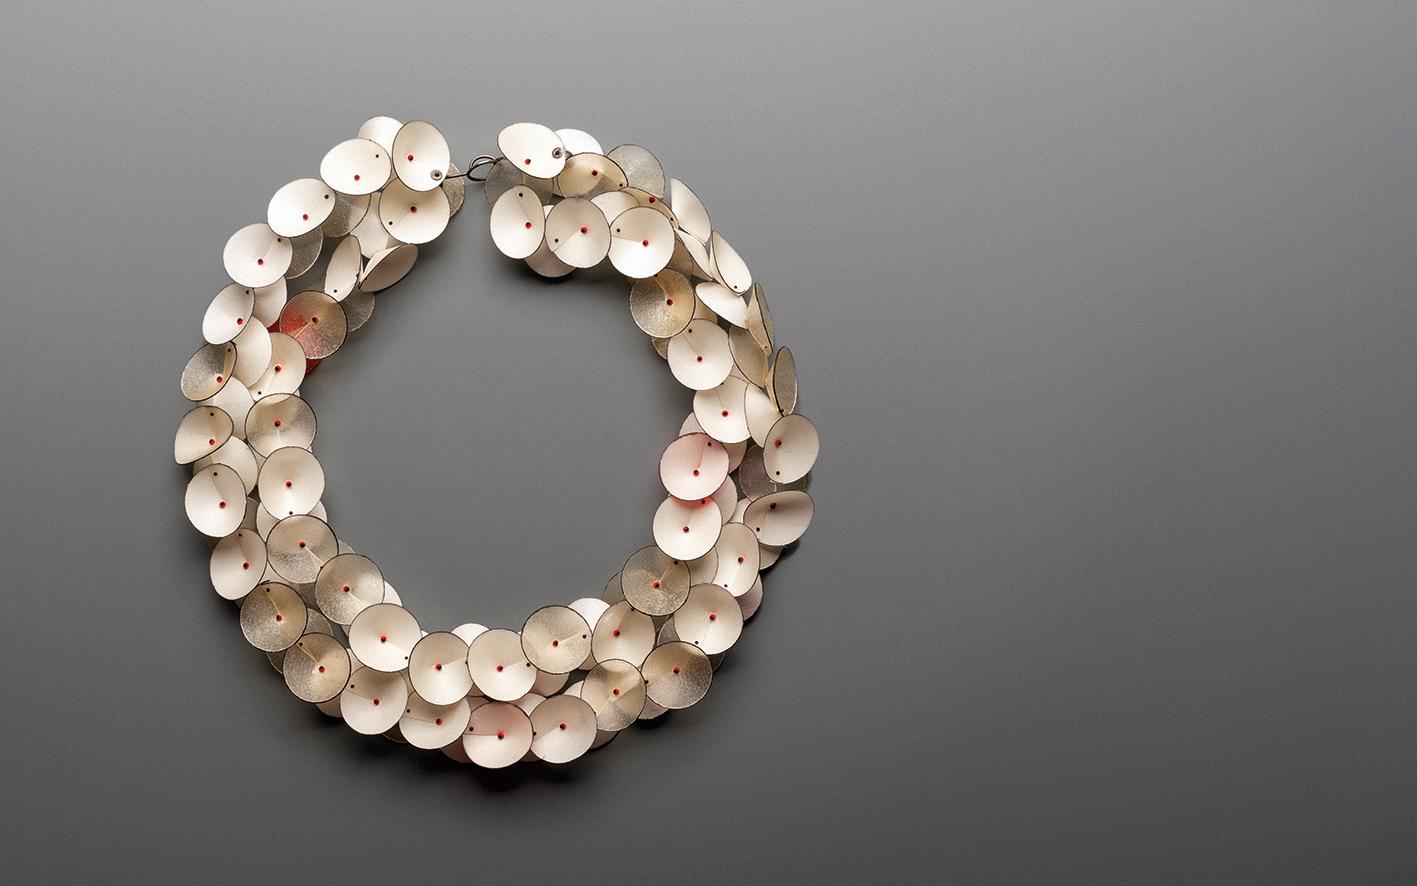 JAC Jewellery Art Concept/DER GROSSE BÄR